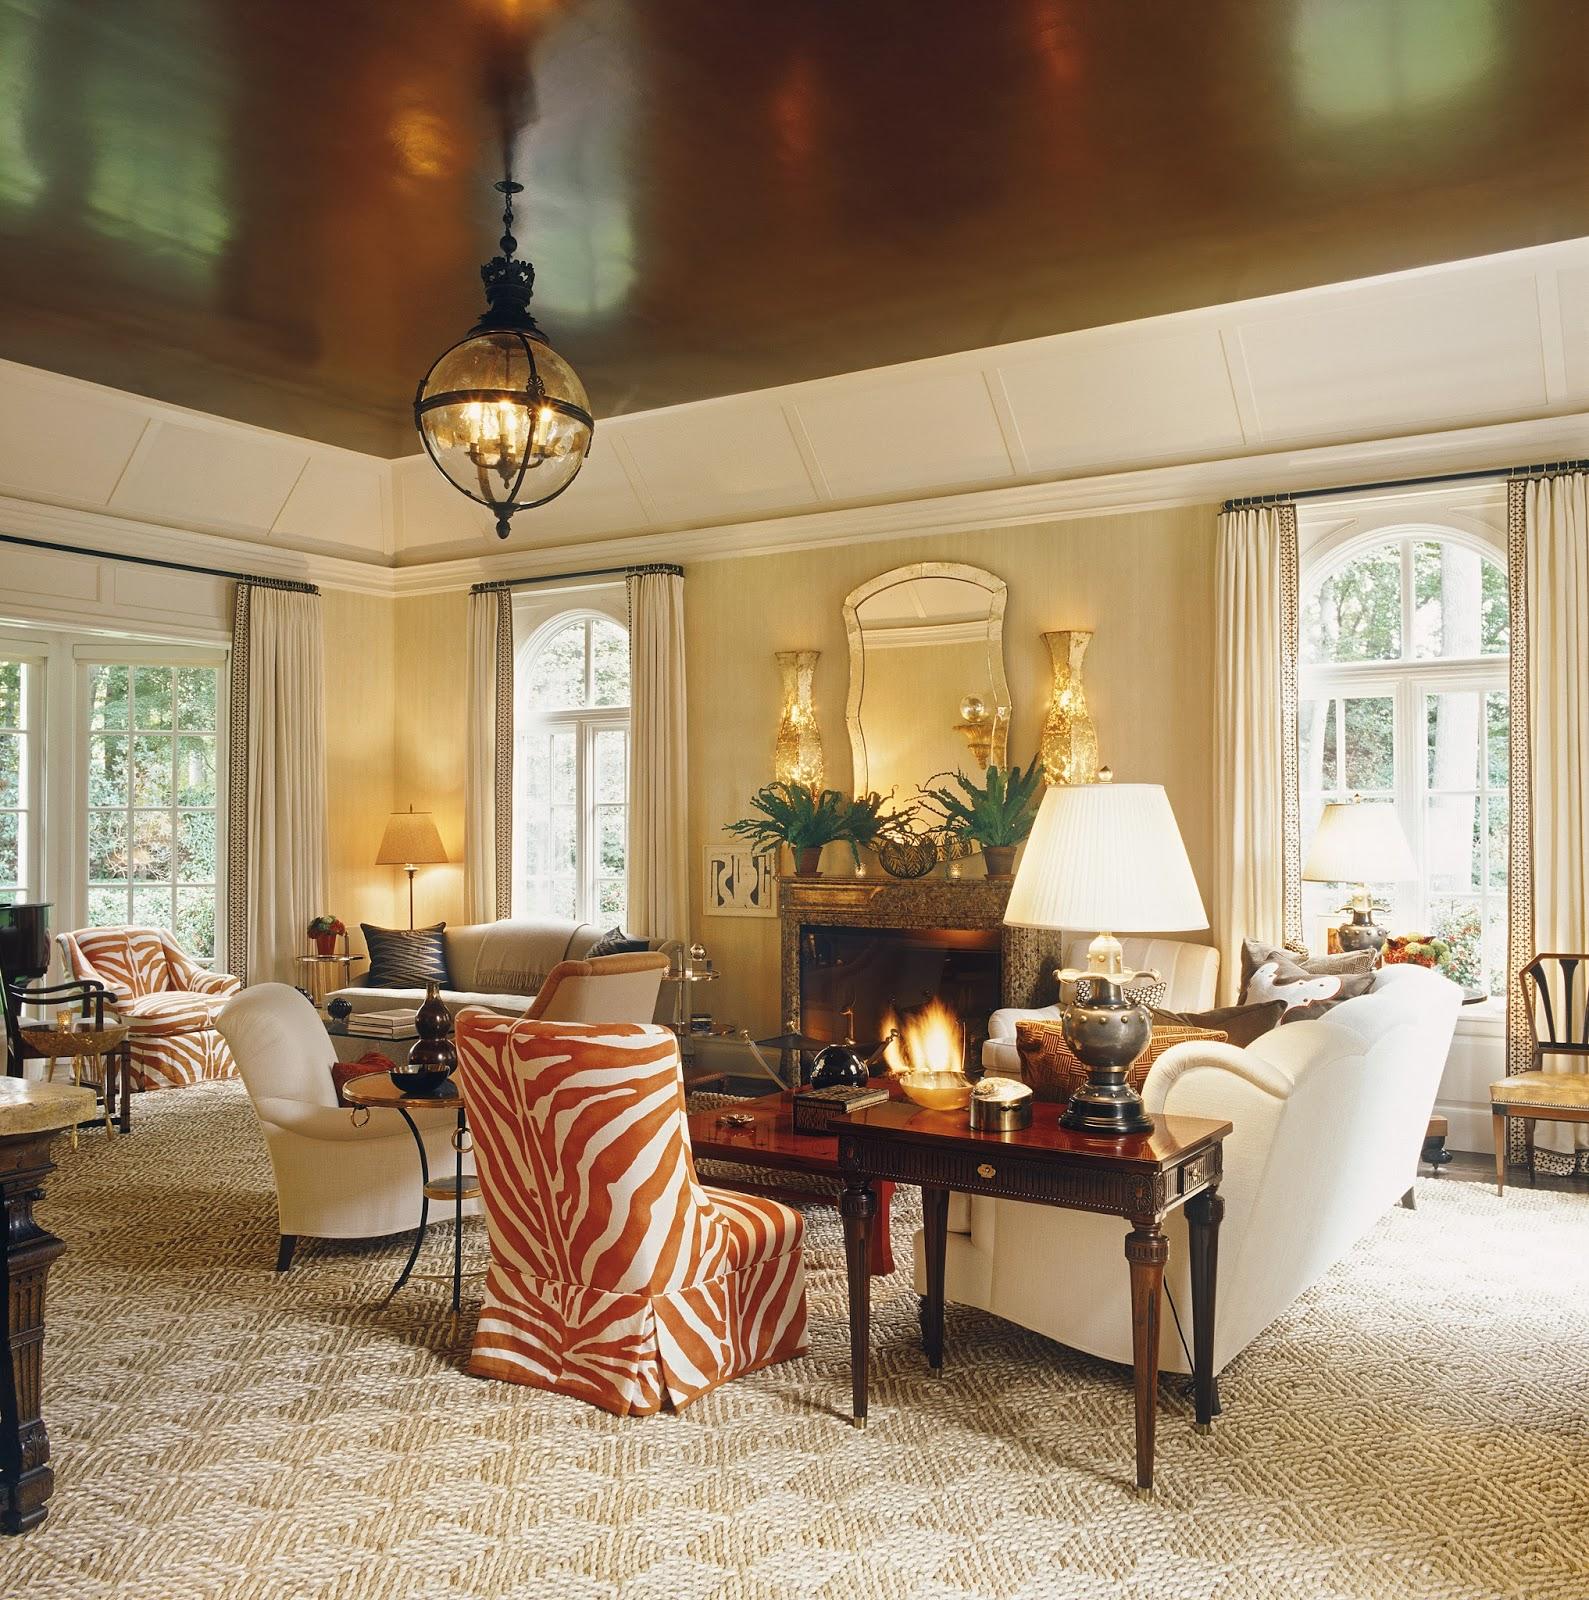 splendid sass: luminous interiors ~ brian j. mccarthy